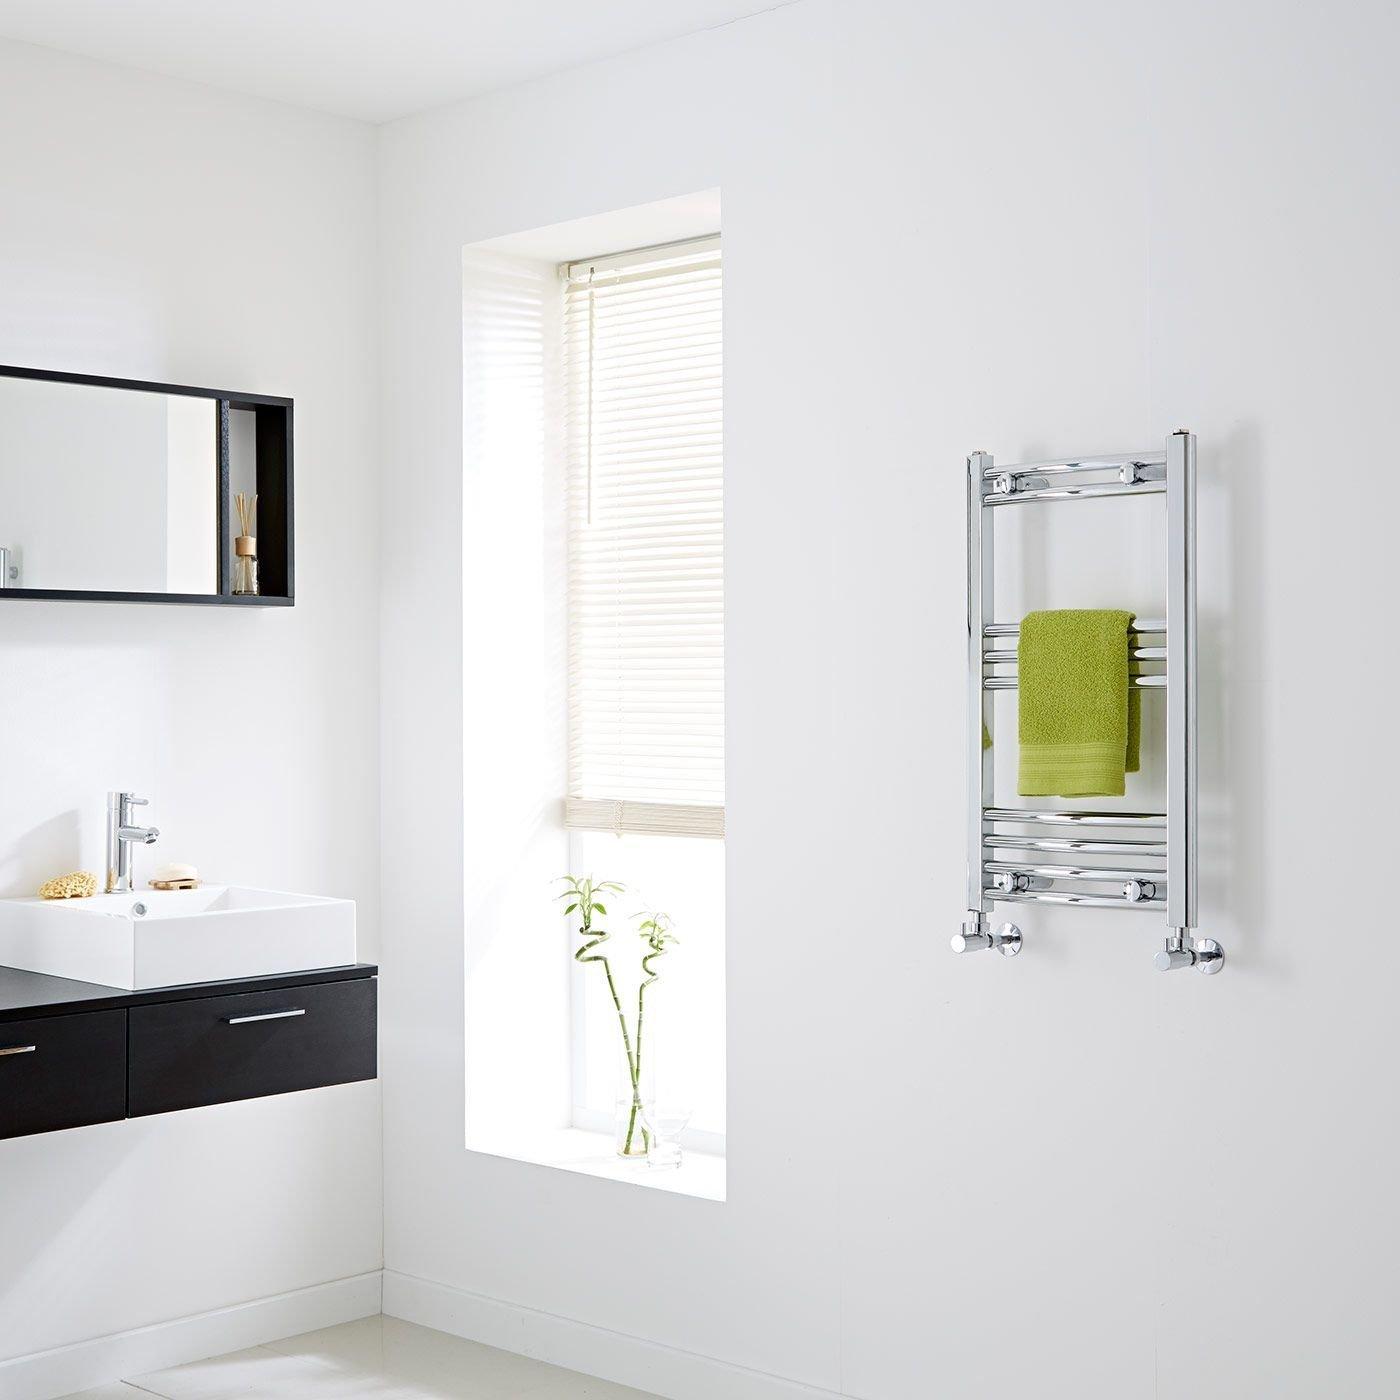 Piccolo termoarredo scaldasalviette verticale, ideale in un bagno moderno.